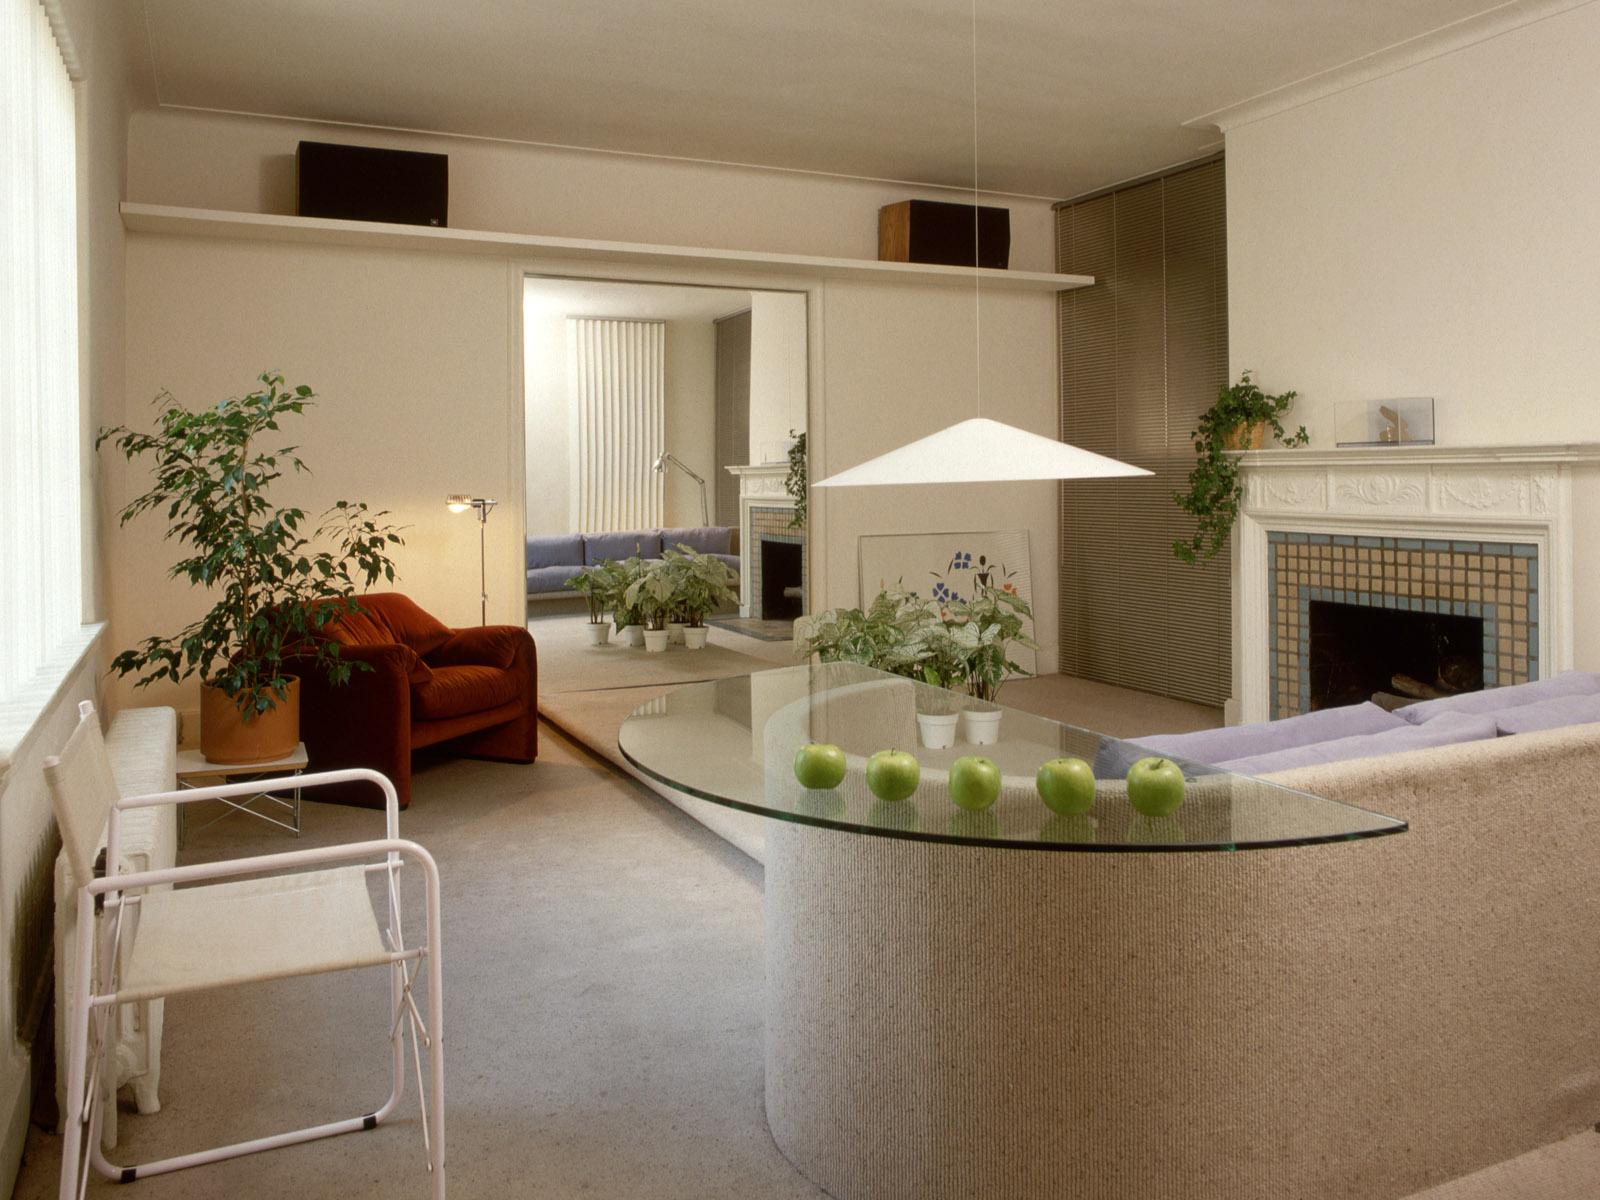 design ideas house interior designinterior design wallpaperinterior 1600x1200